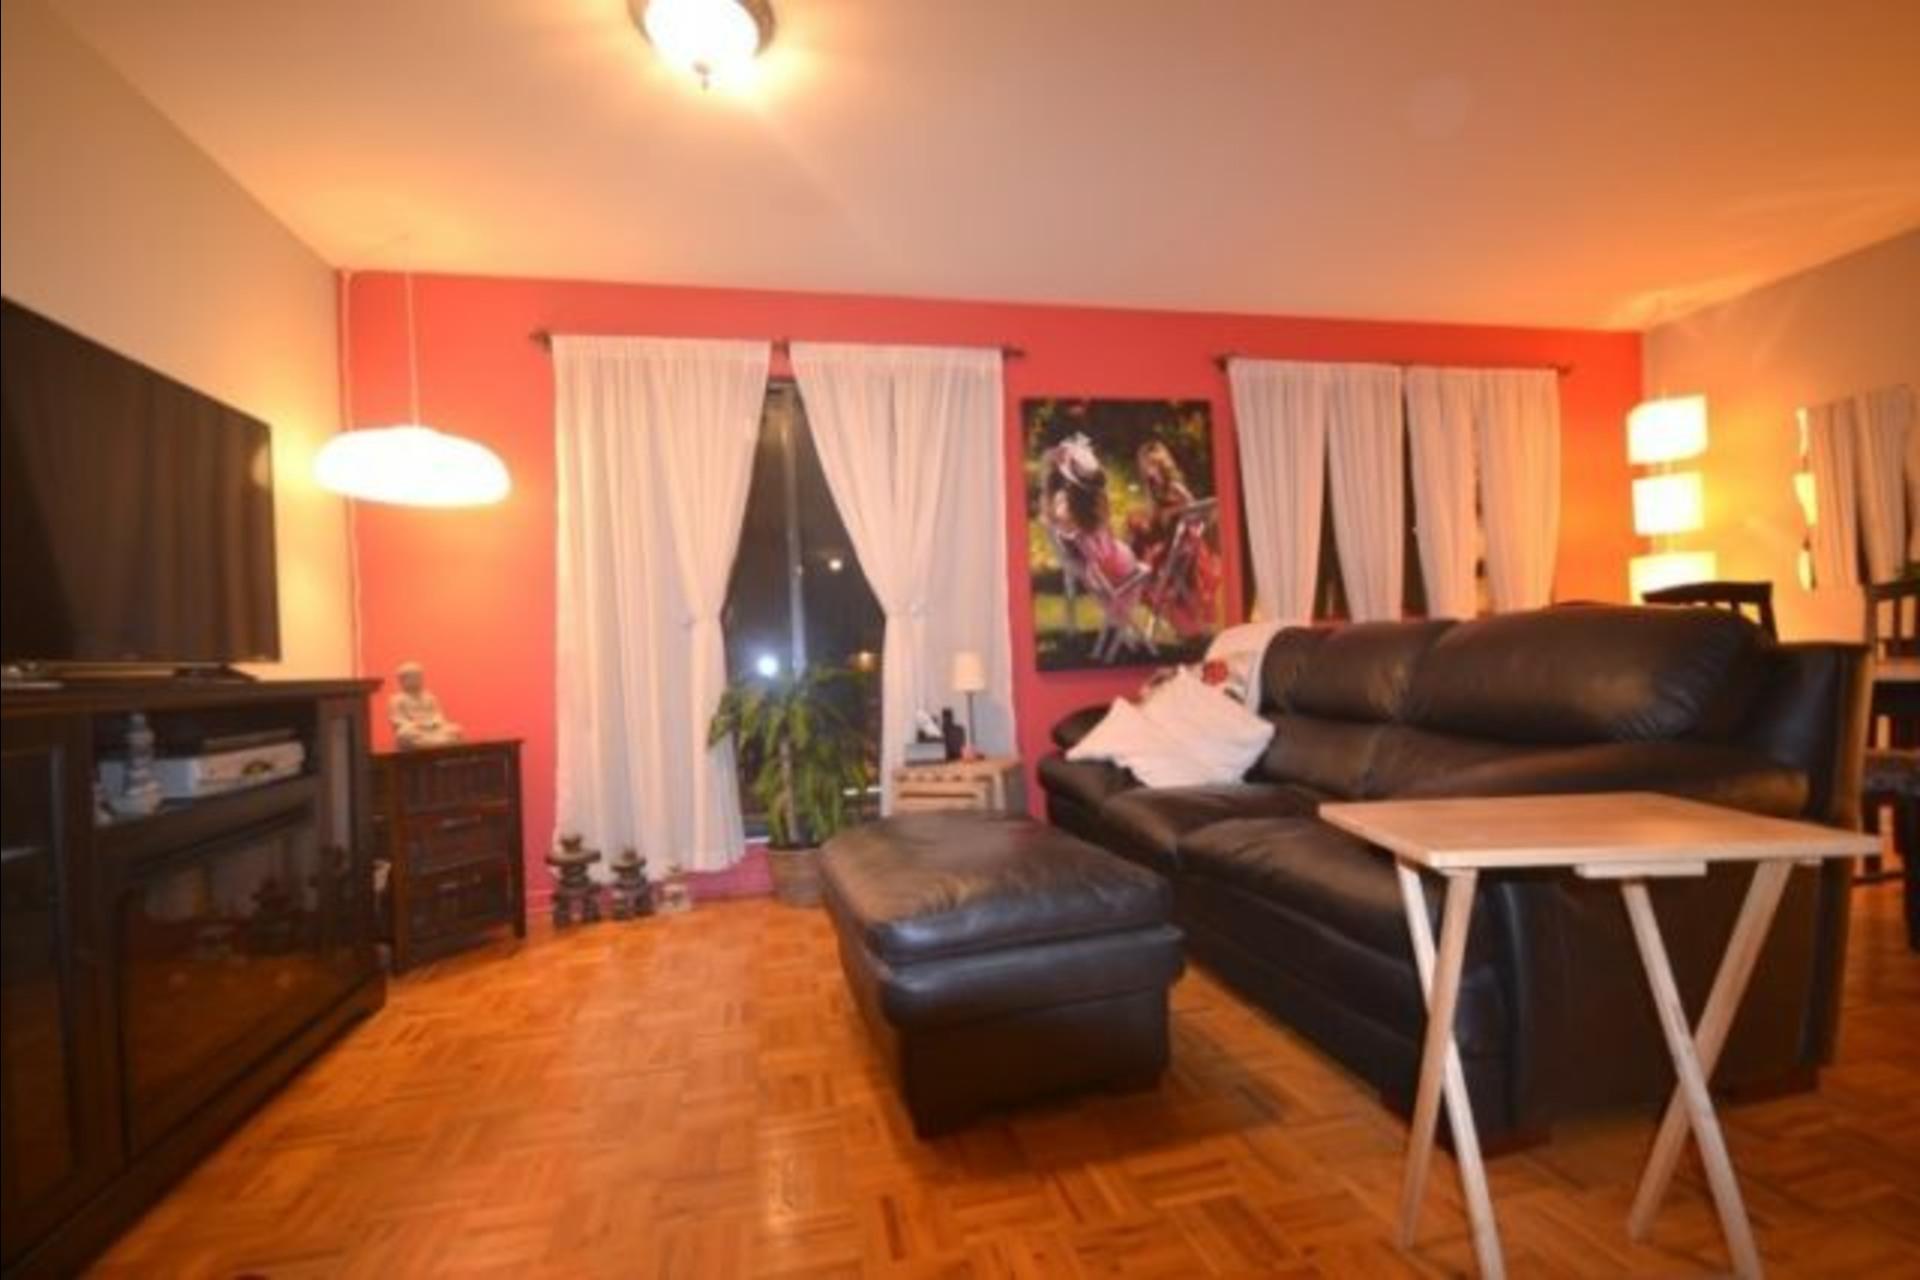 image 8 - Appartement À louer Montréal Rivière-des-Prairies - 4 pièces